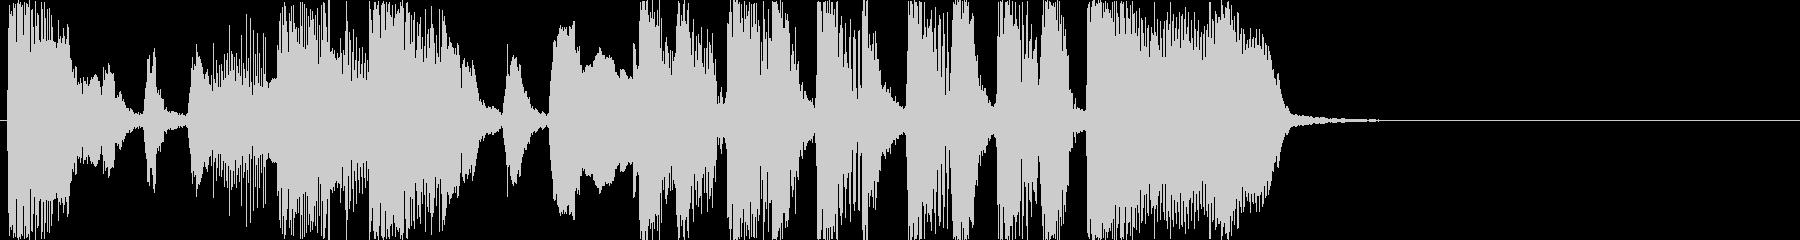 おもしろジングル/オープニング1の未再生の波形